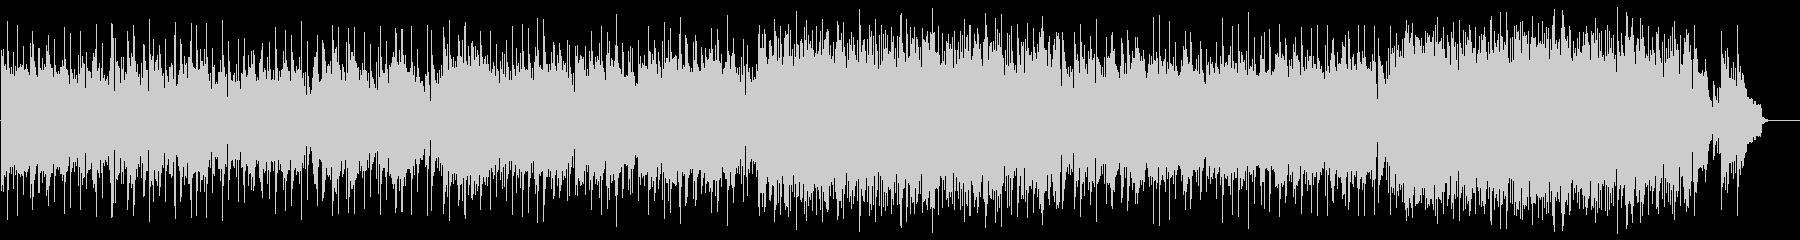 安らぎのミディアムポップ(フルサイズ)の未再生の波形